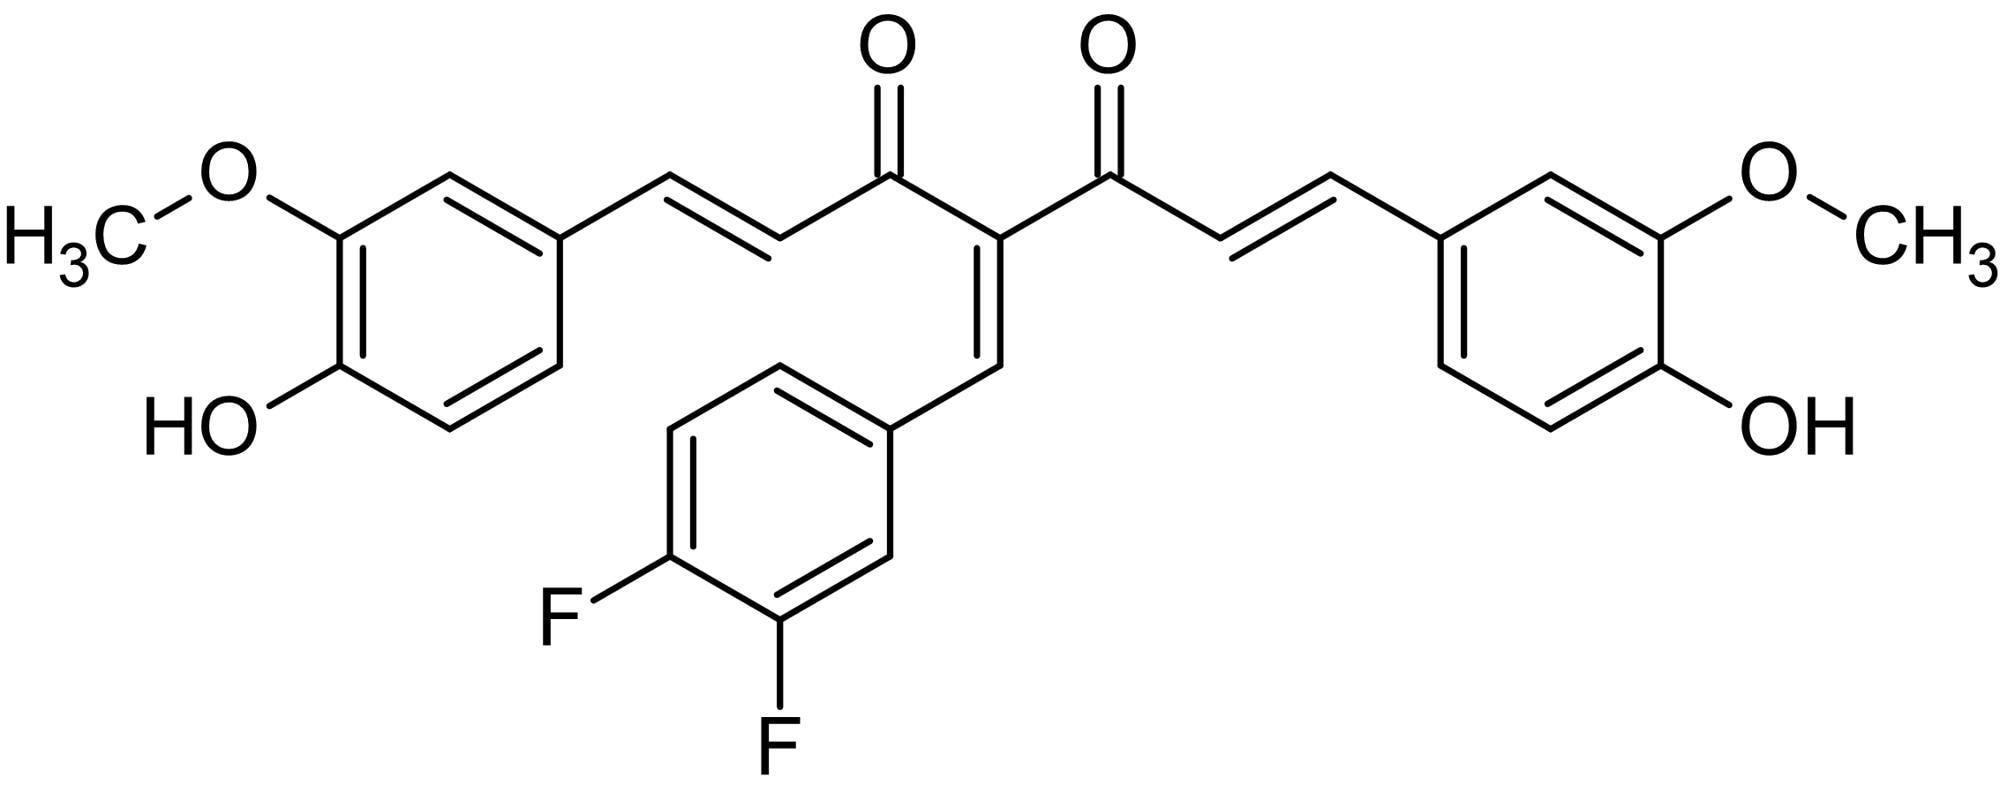 Chemical Structure - 3,4-Difluorobenzocurcumin, Lipoxygenase and cyclooxygenase inhibitor (ab142386)